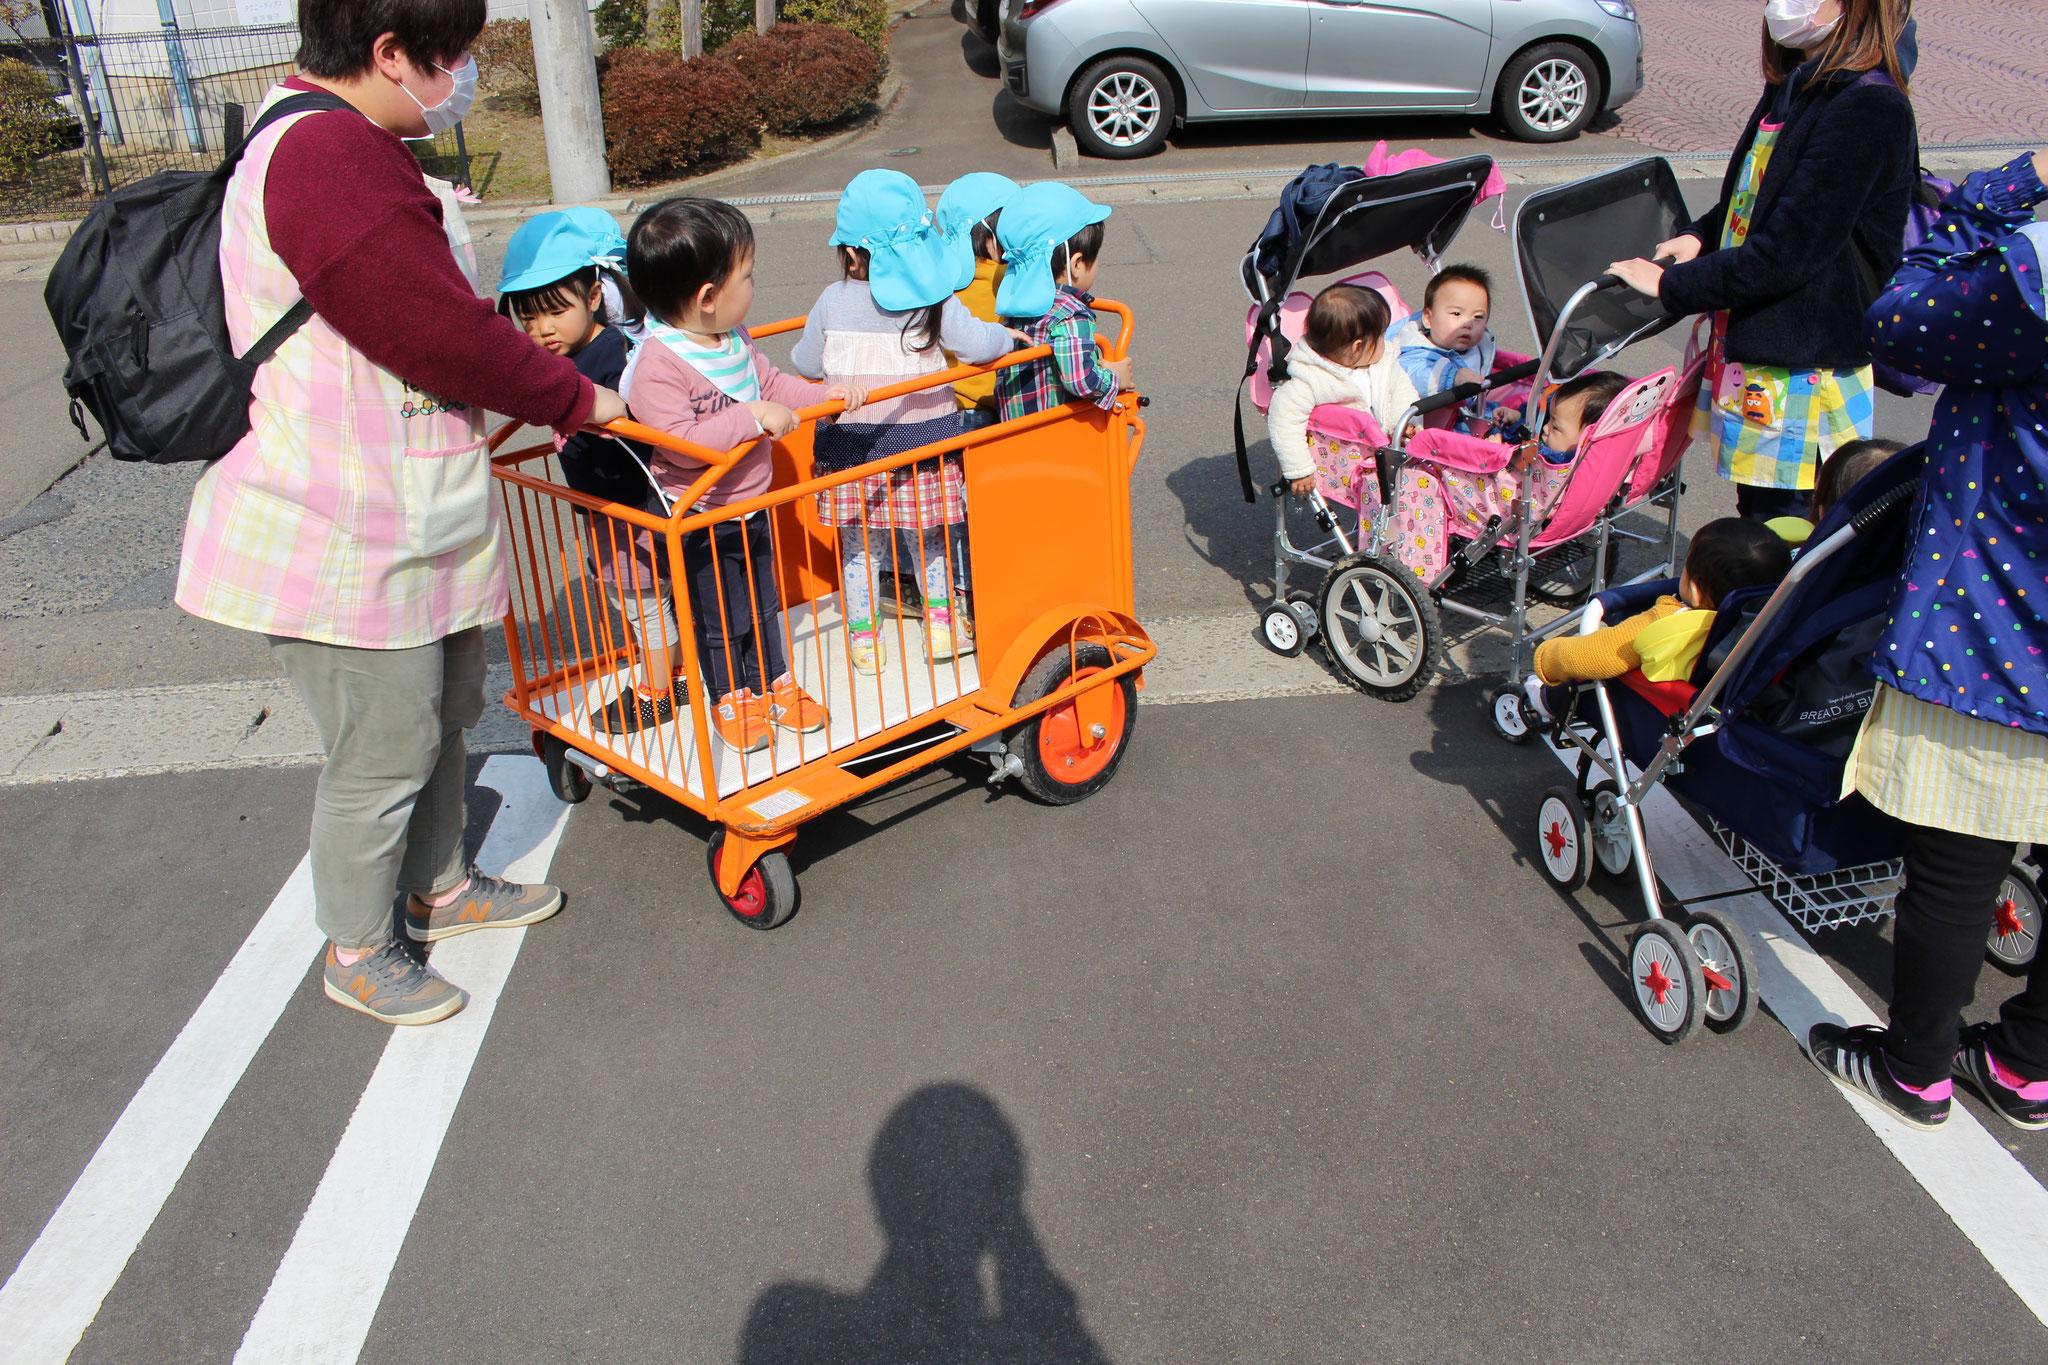 広域避難場所の仙台商業高等学校まで 慌てずにゆっくりと安全に移動を開始です